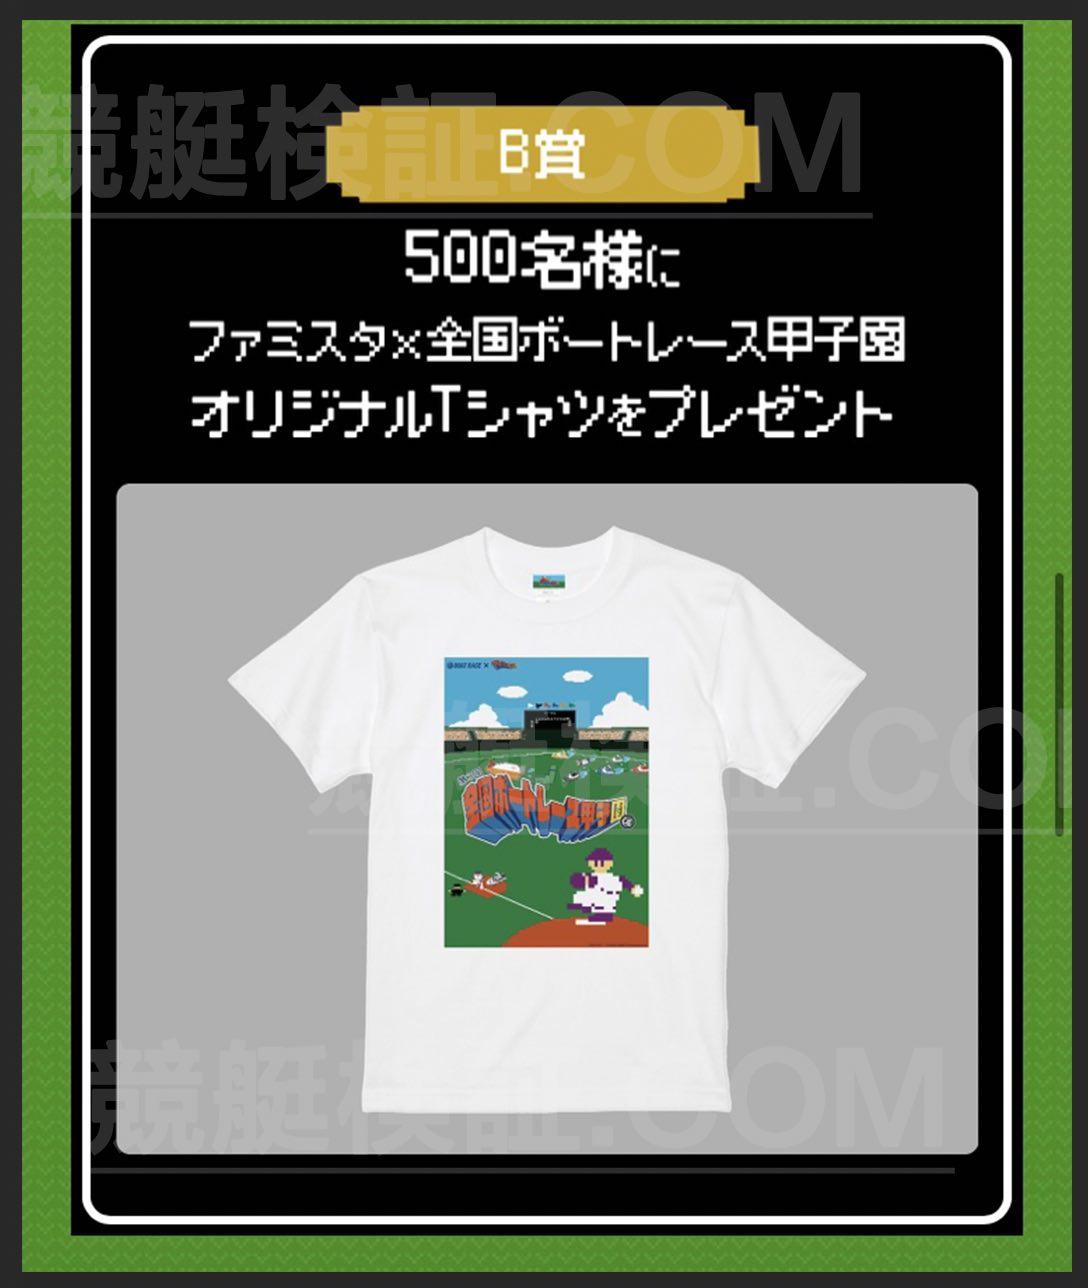 ファミスタ×全国ボートレース甲子園オリジナルTシャツ